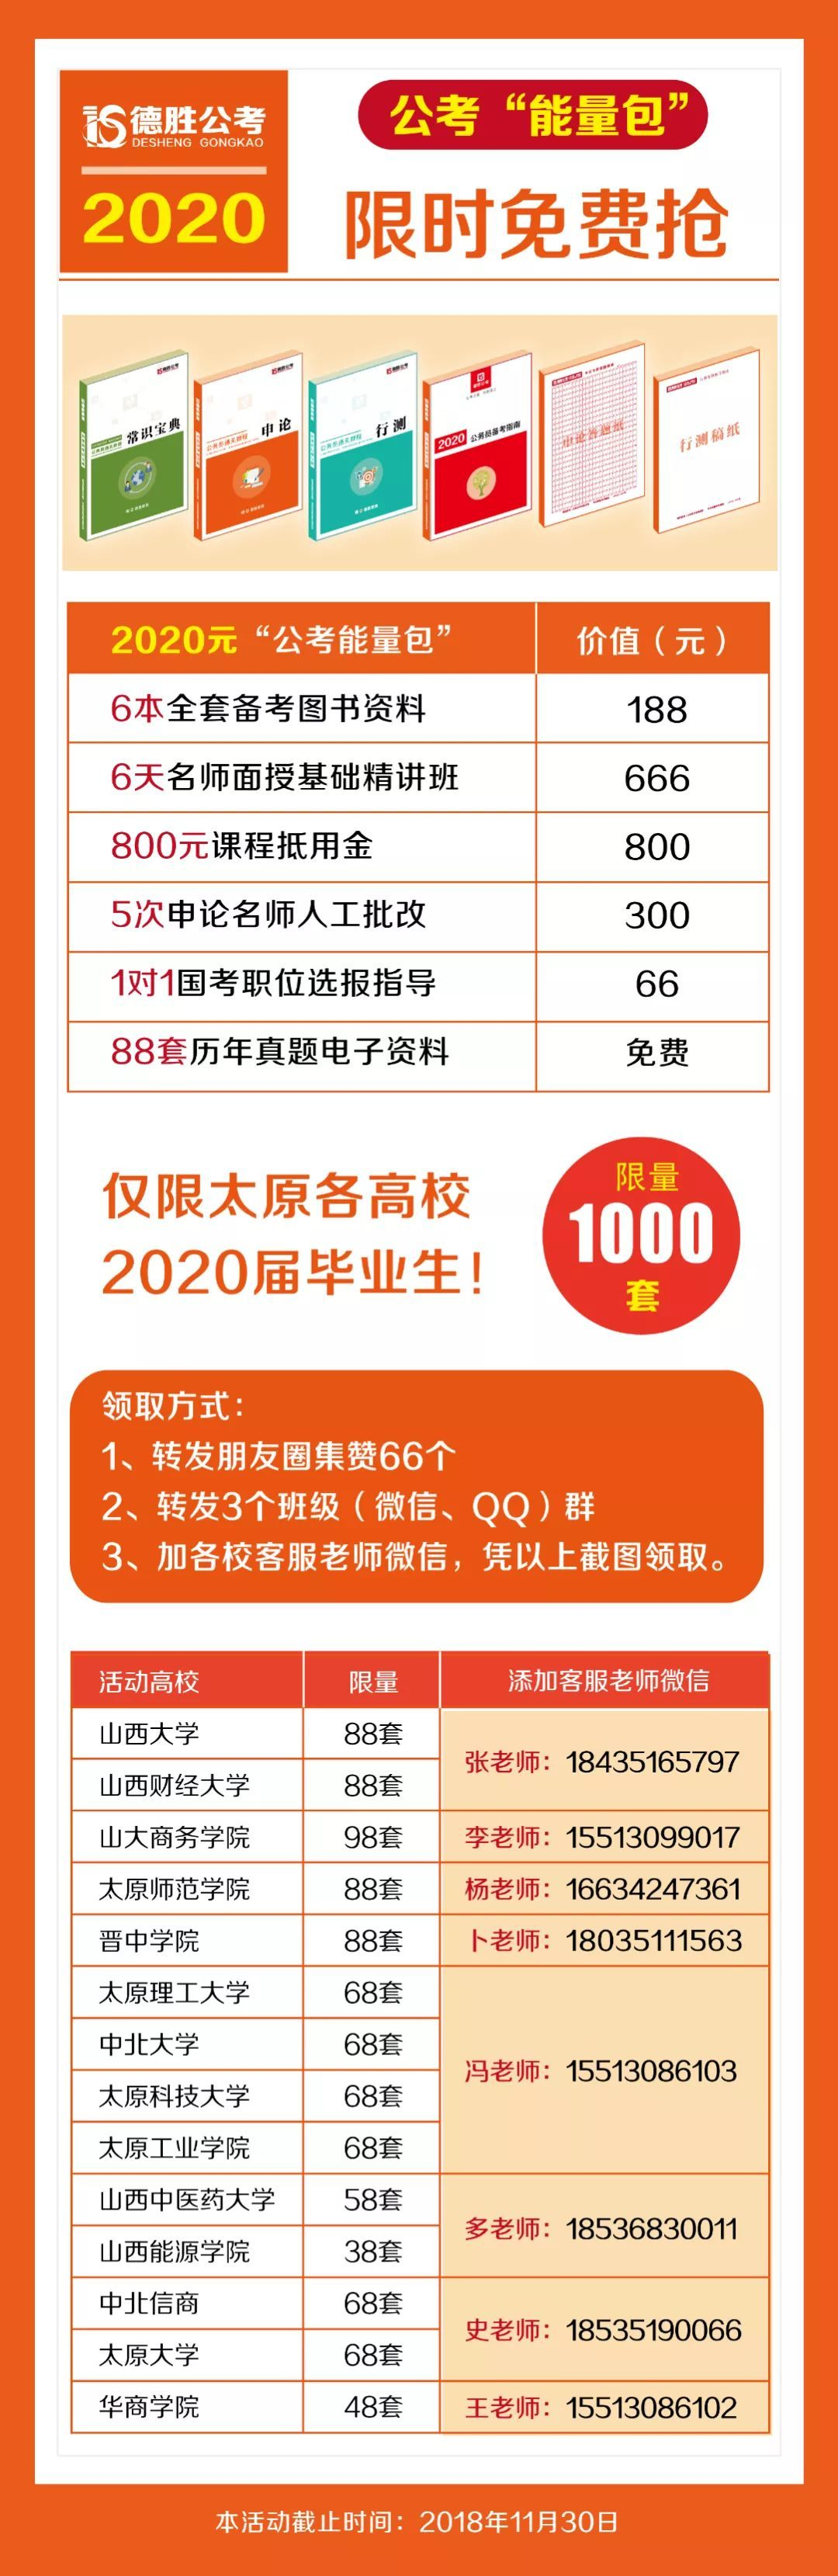 """德勝公考圓你公考夢!——送你""""2020能量包"""",限時免費搶!!"""